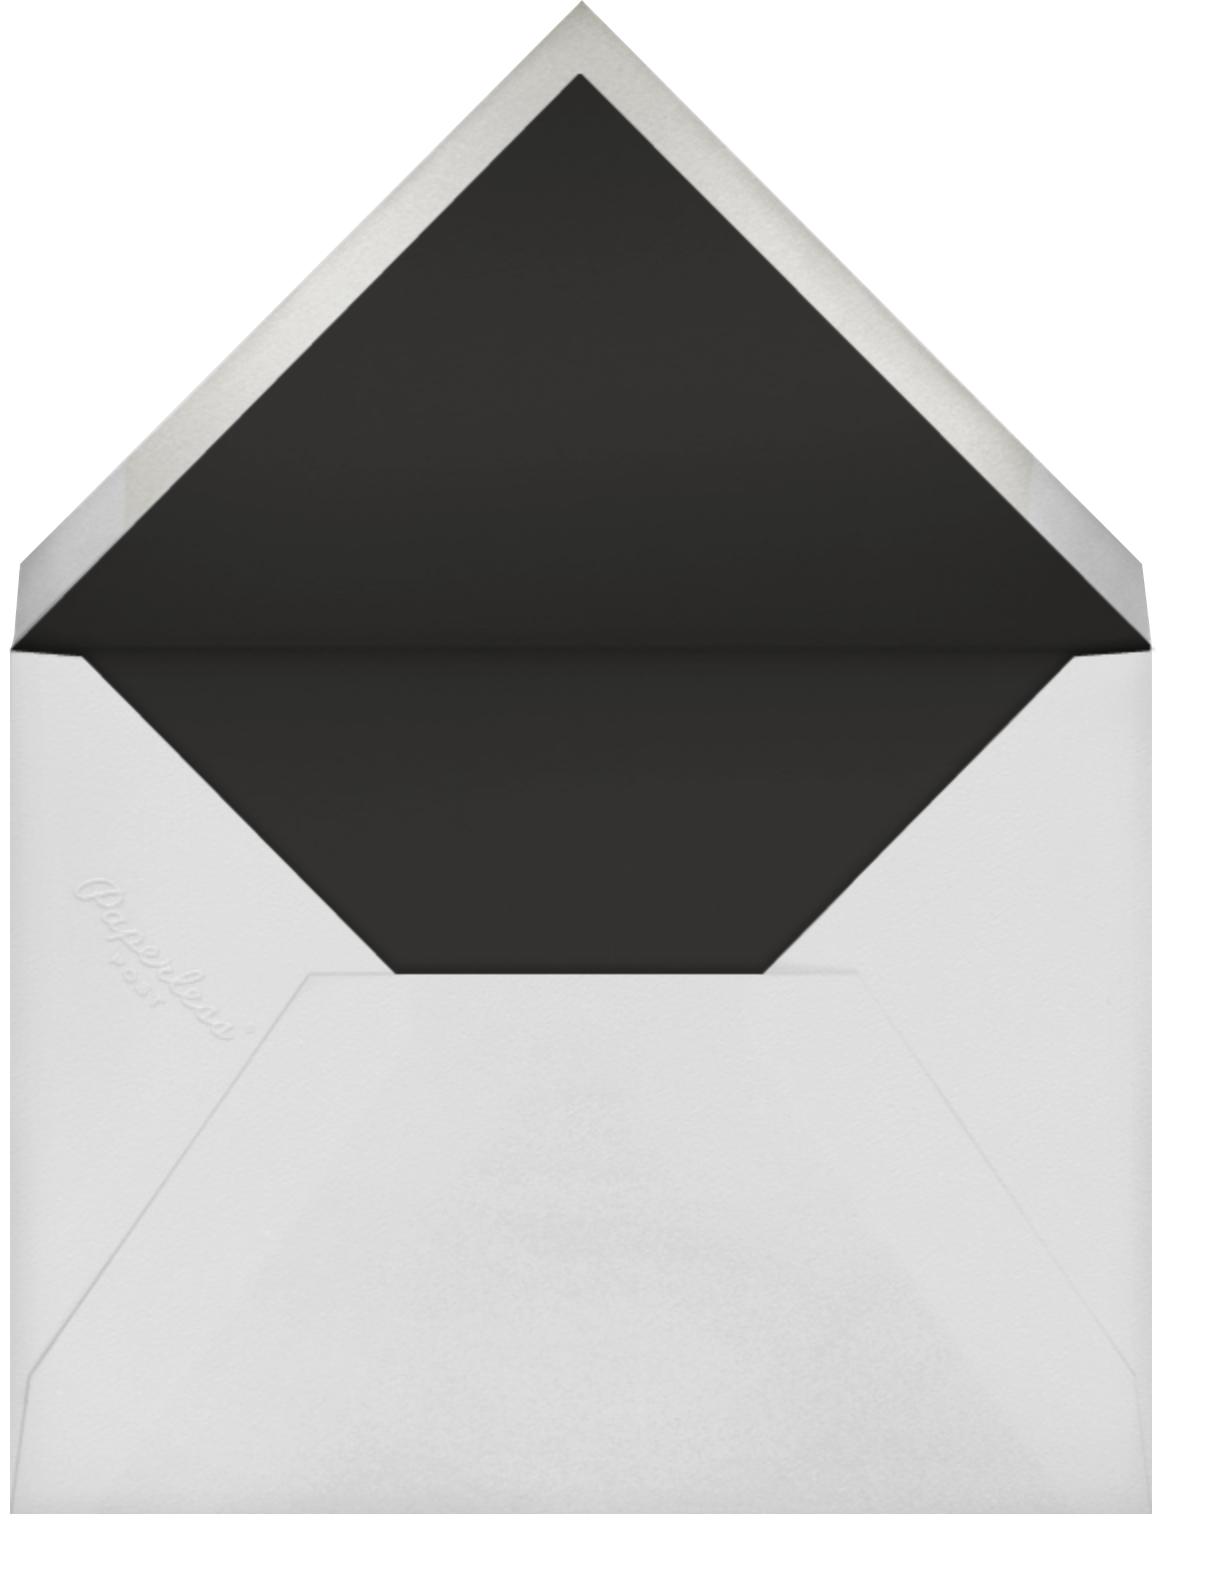 Josephine Baker - White/Gold - Paperless Post - Memorial service - envelope back